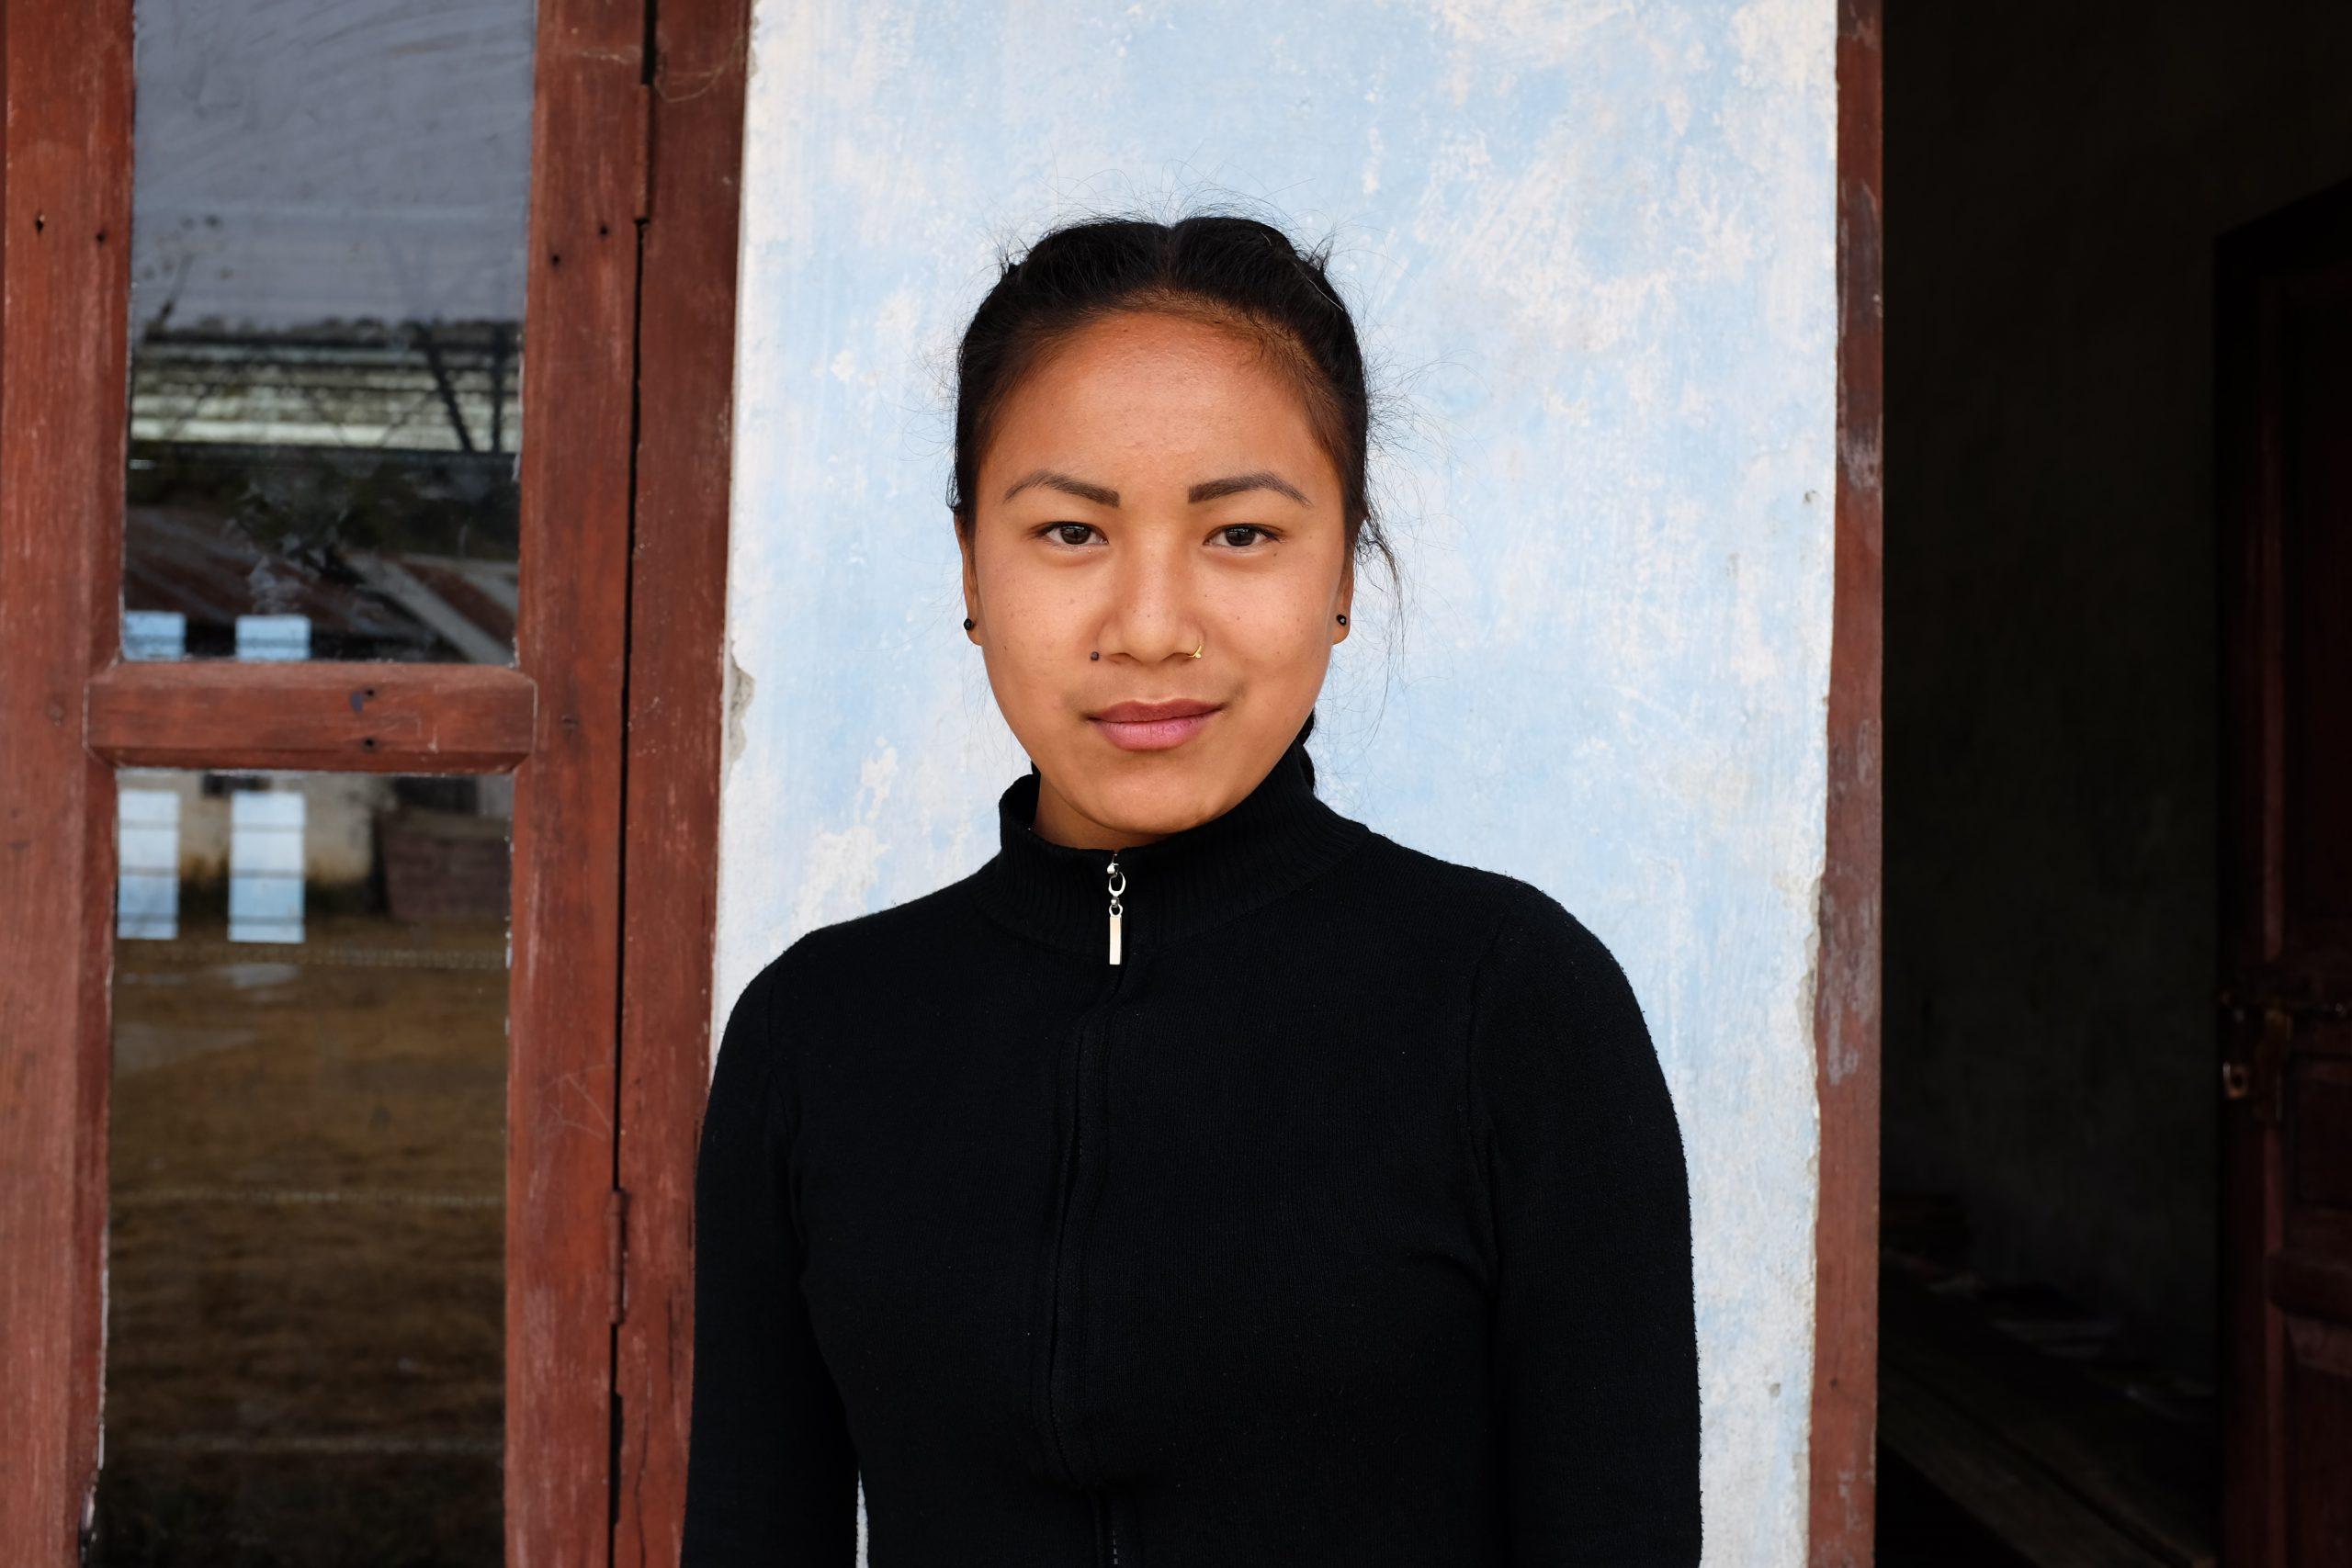 Nepalilainen tyttö koulun seinän edessä.